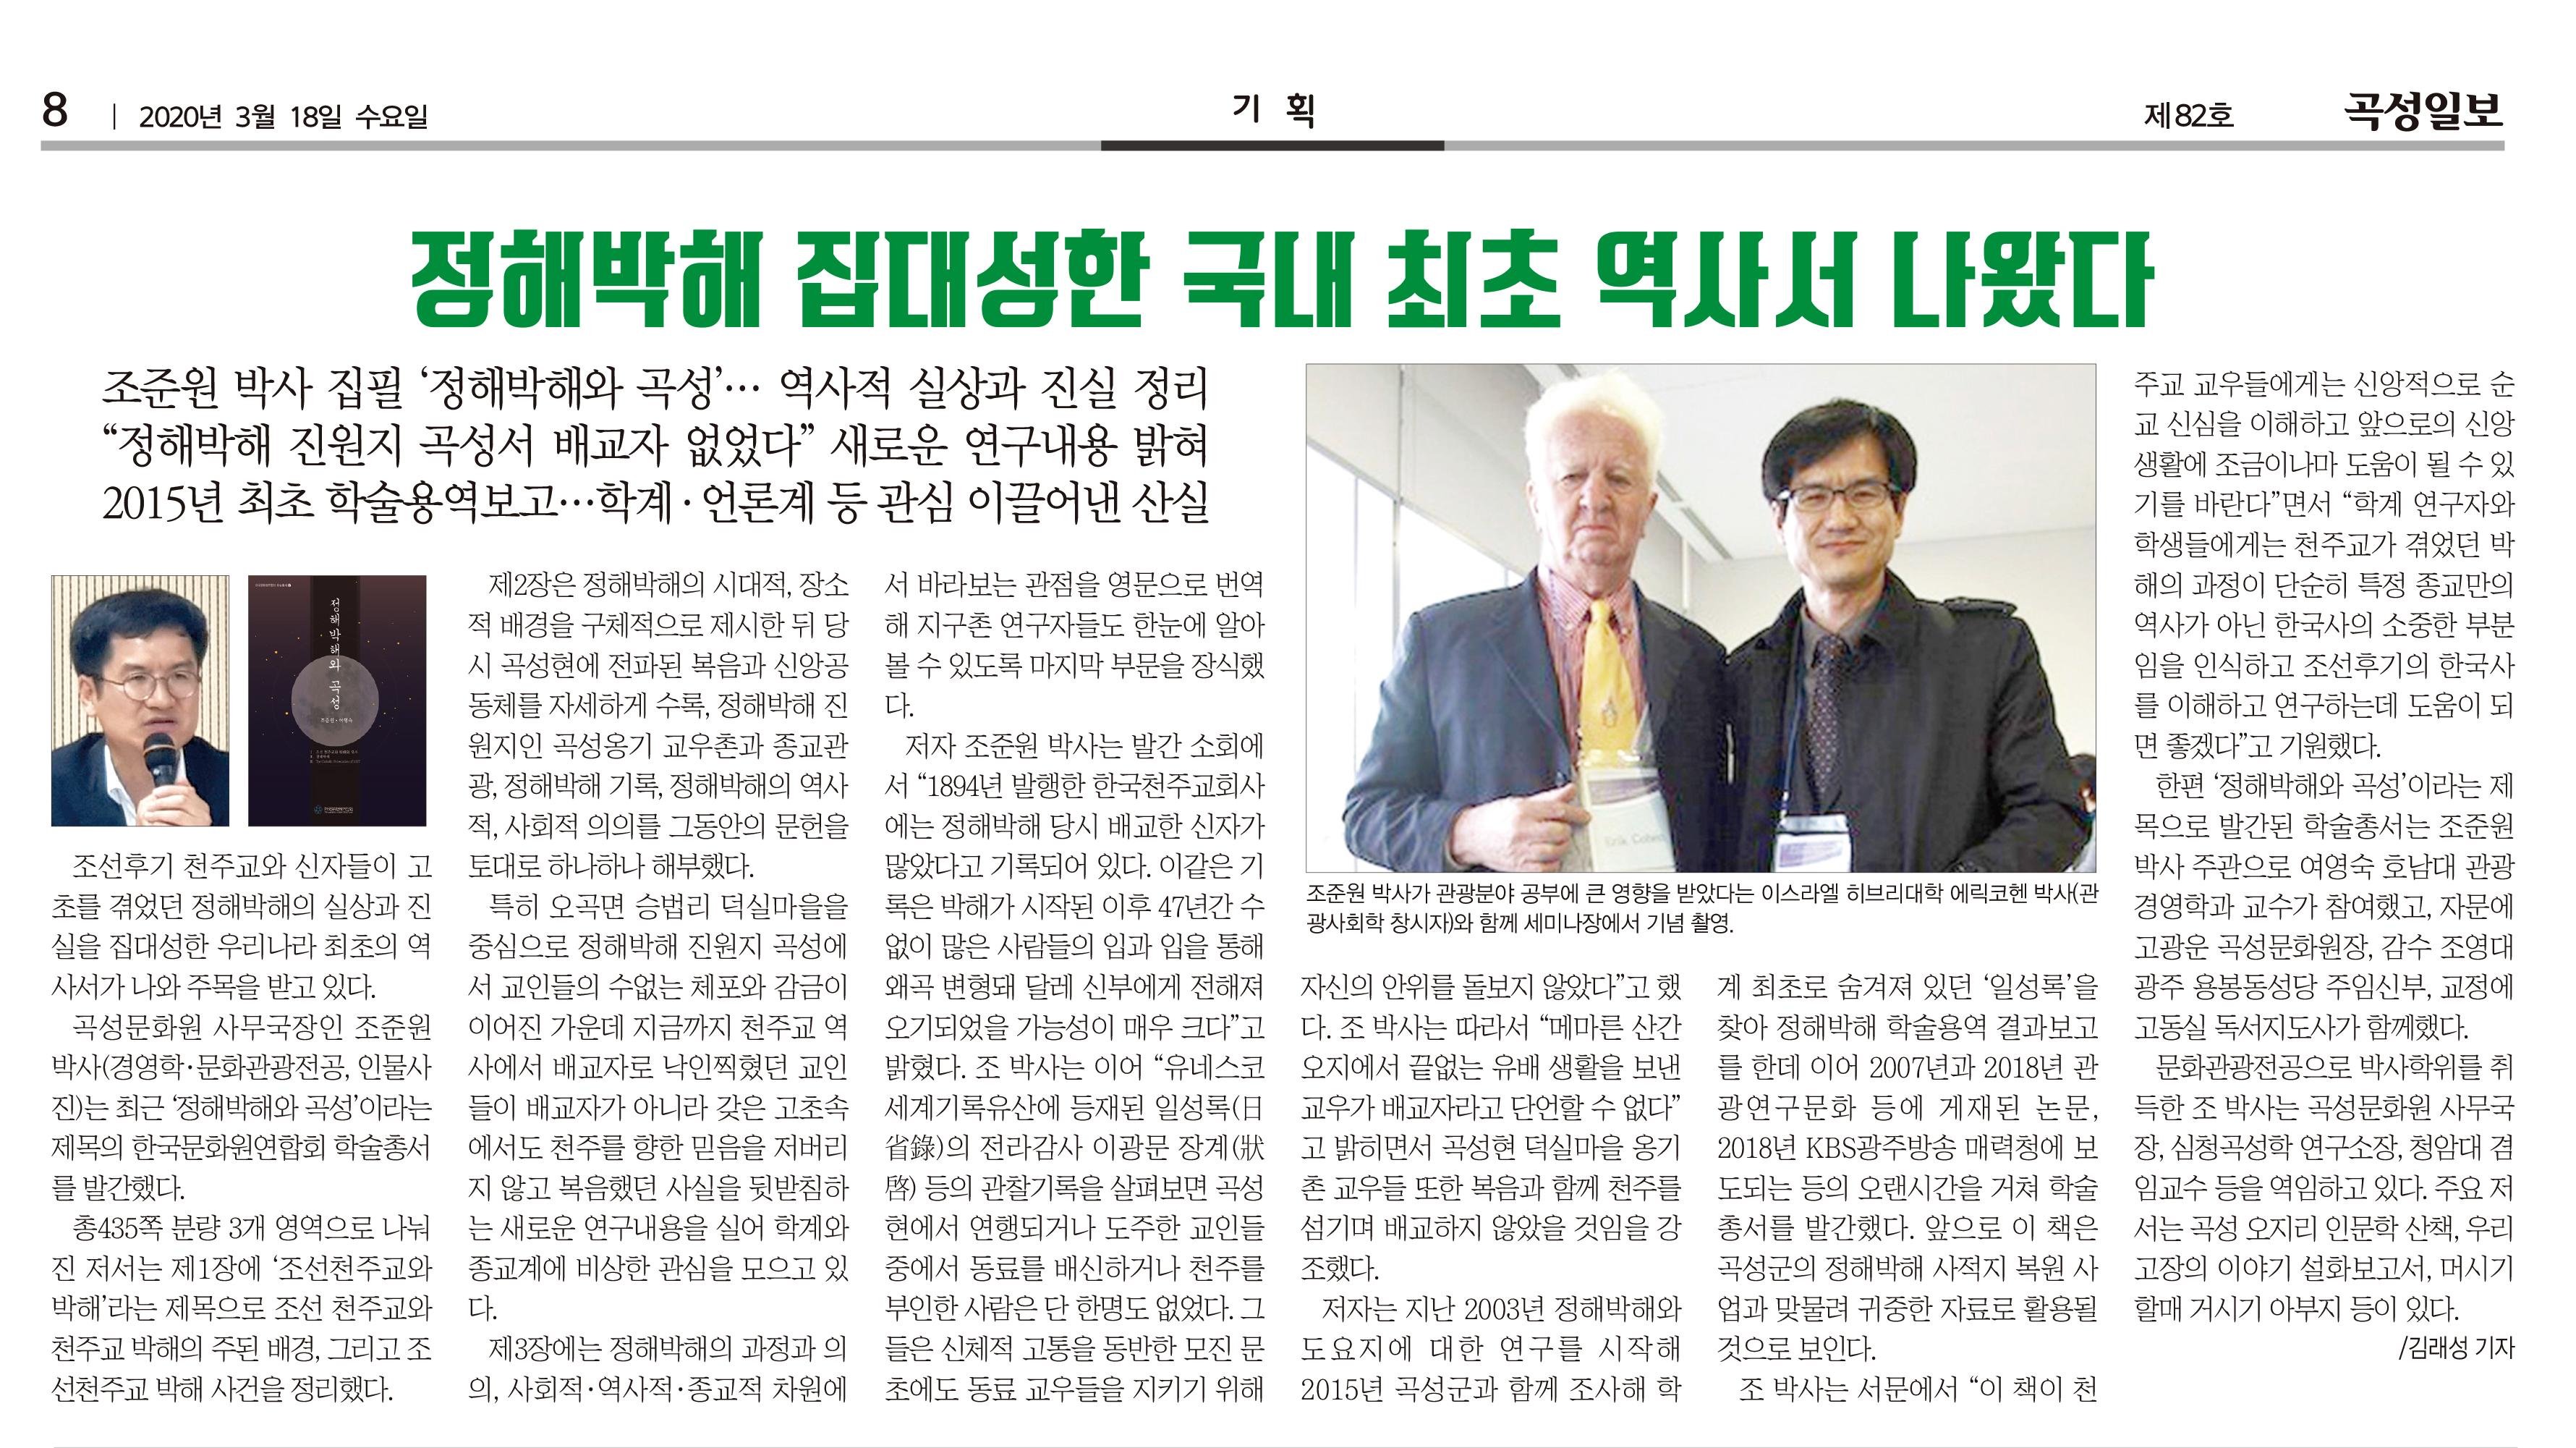 정해박해 도서 발간 신문기사.jpg